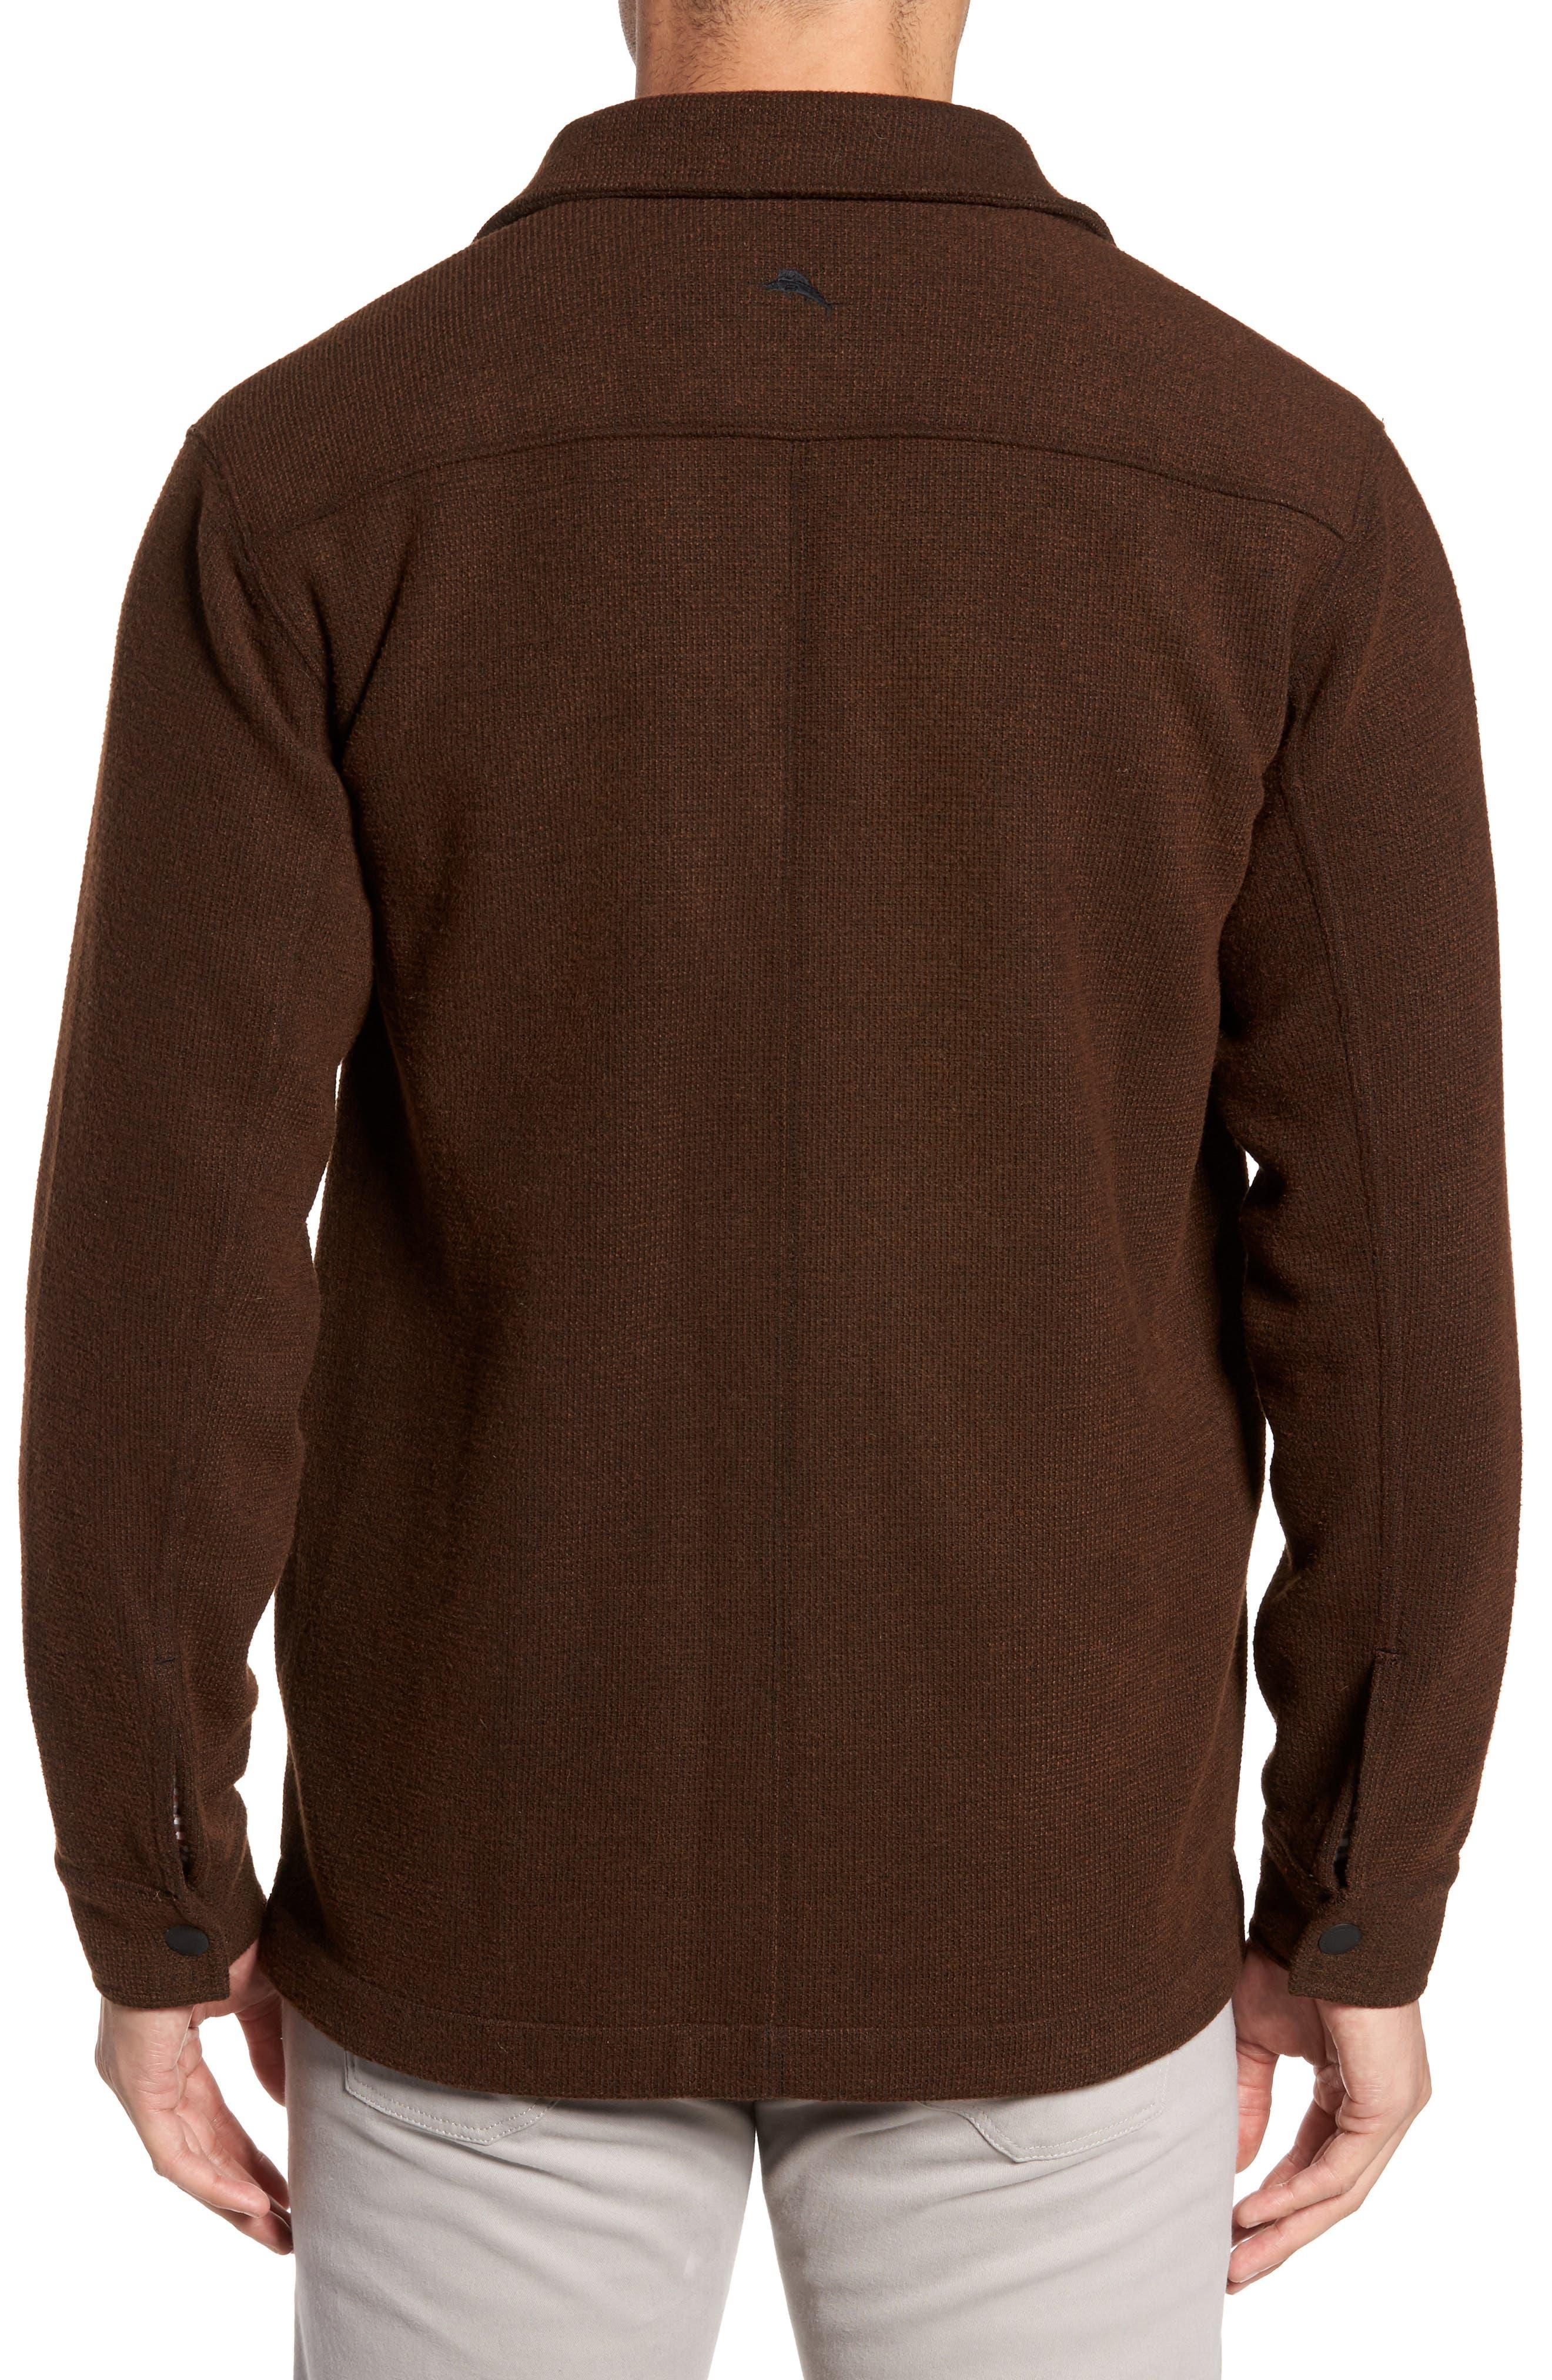 Alternate Image 2  - Tommy Bahama Paradise Creek Snap Front Fleece Jacket